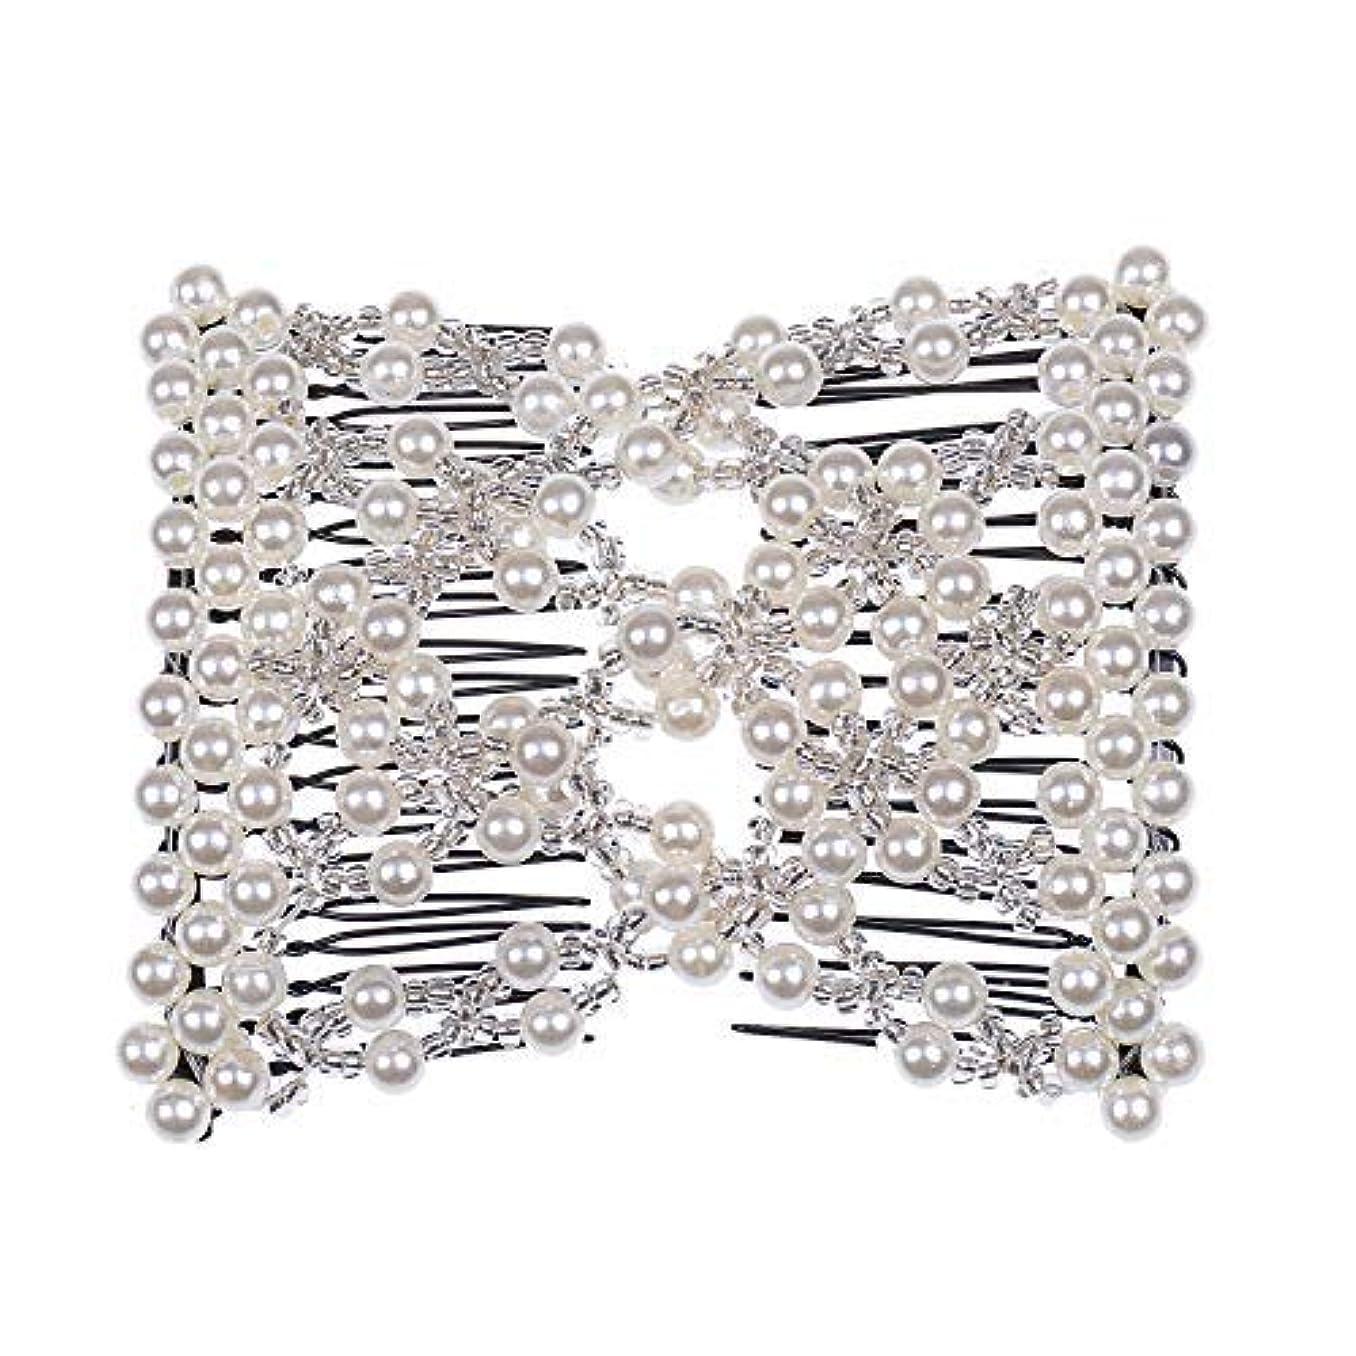 フォロー戸惑うグッゲンハイム美術館Casualfashion Delicate Women Girls EZ Stretch Pearls Combs Beaded Hair Comb Jewelry Double Clips (White) [並行輸入品]